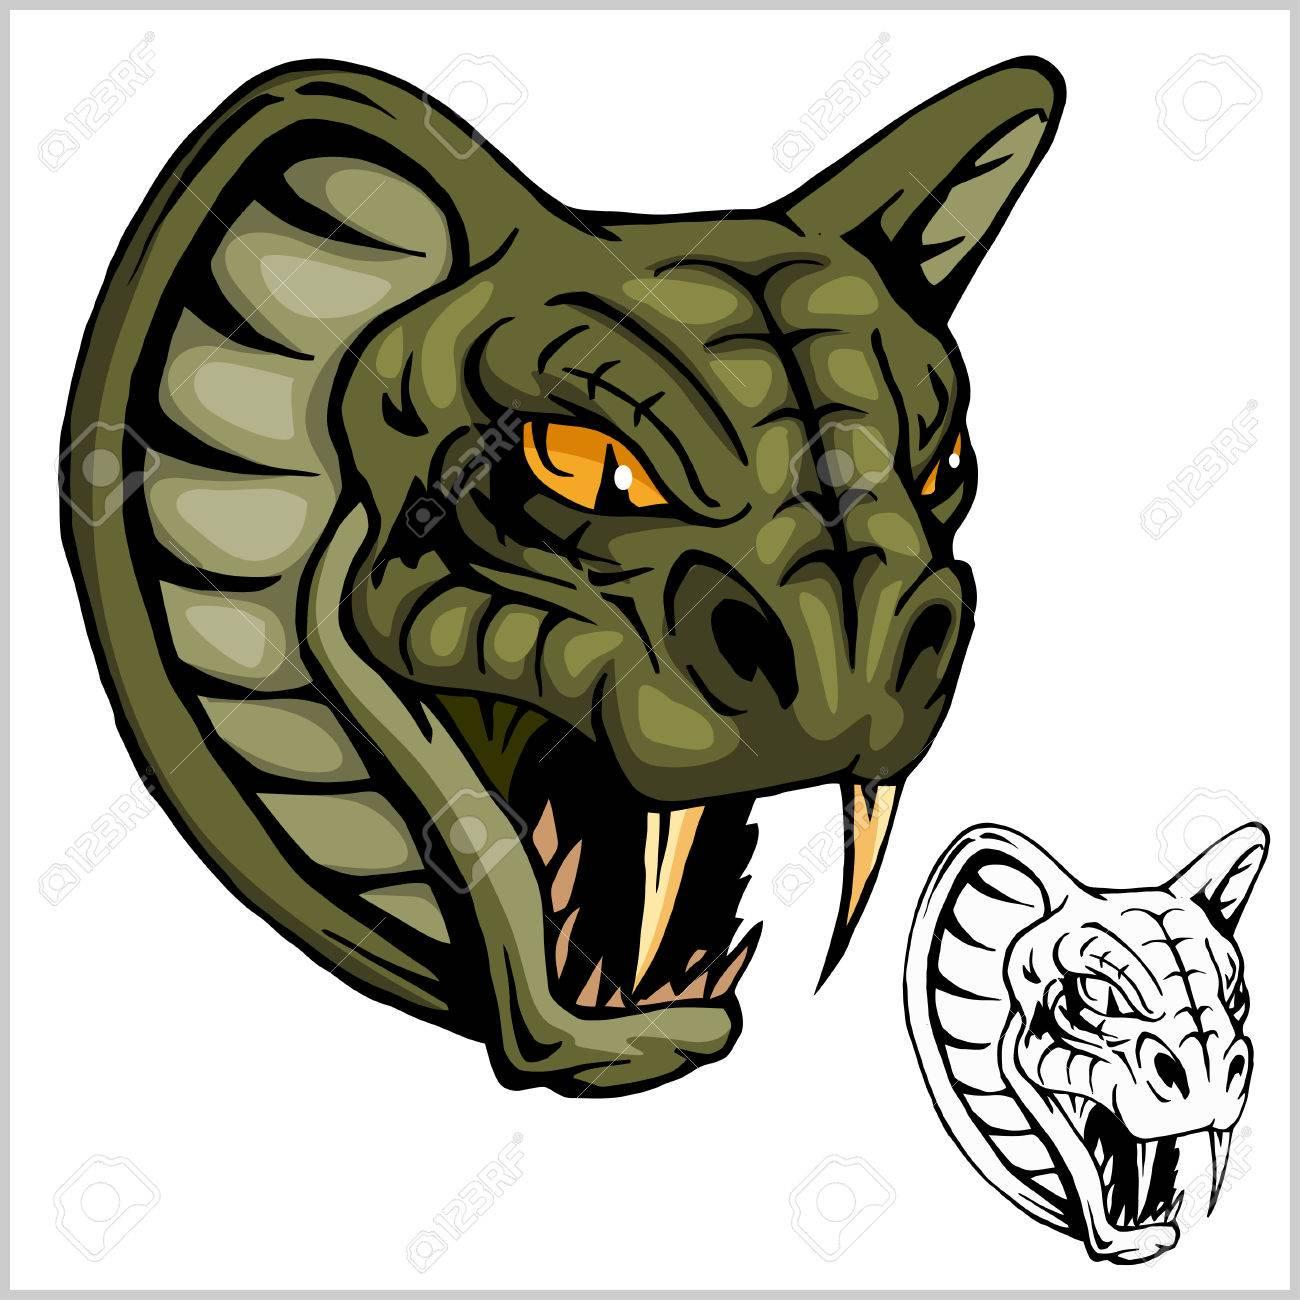 Cobra Head Mascot - vector illustration - 73526054